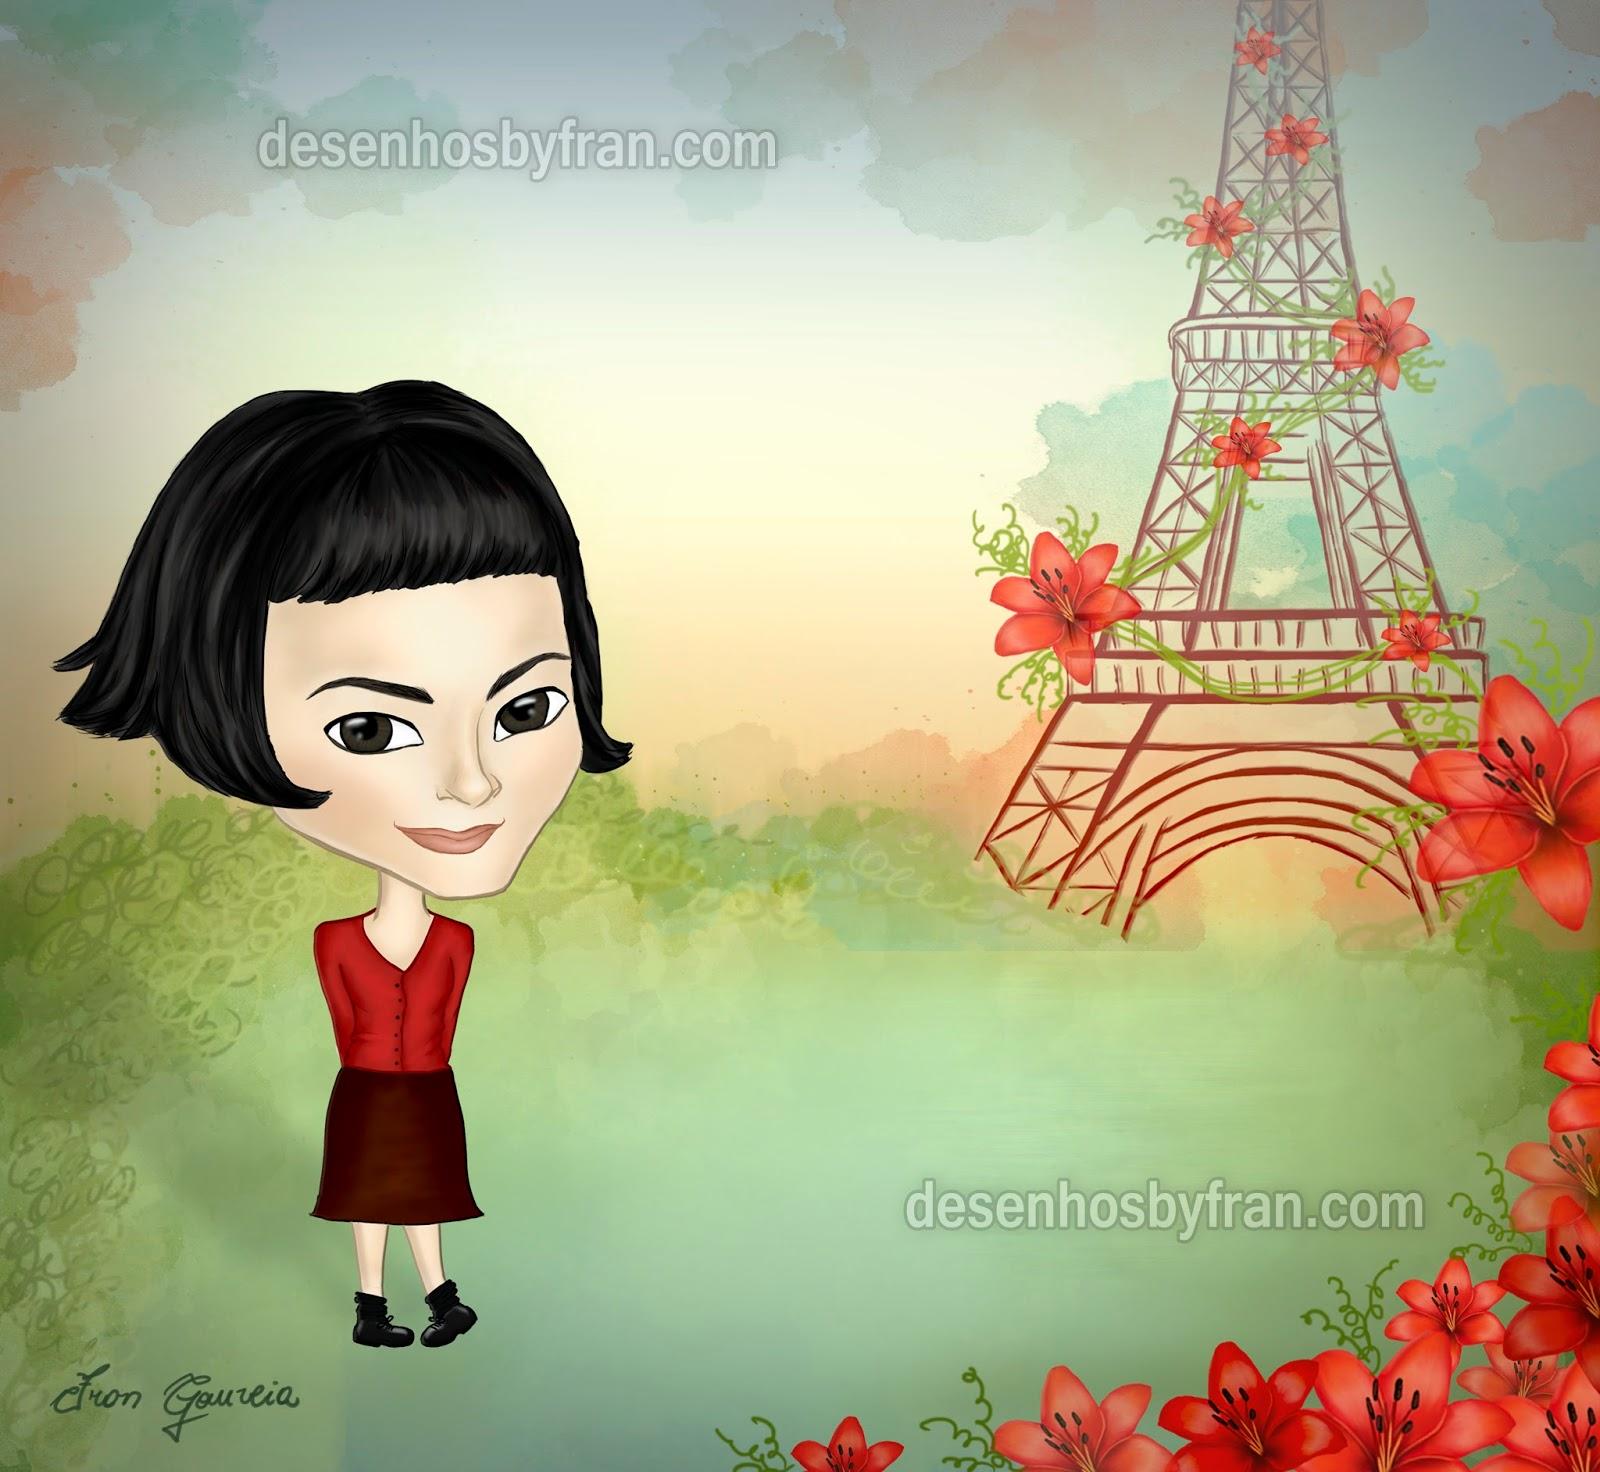 Desenhos By Fran Amelie Poulain